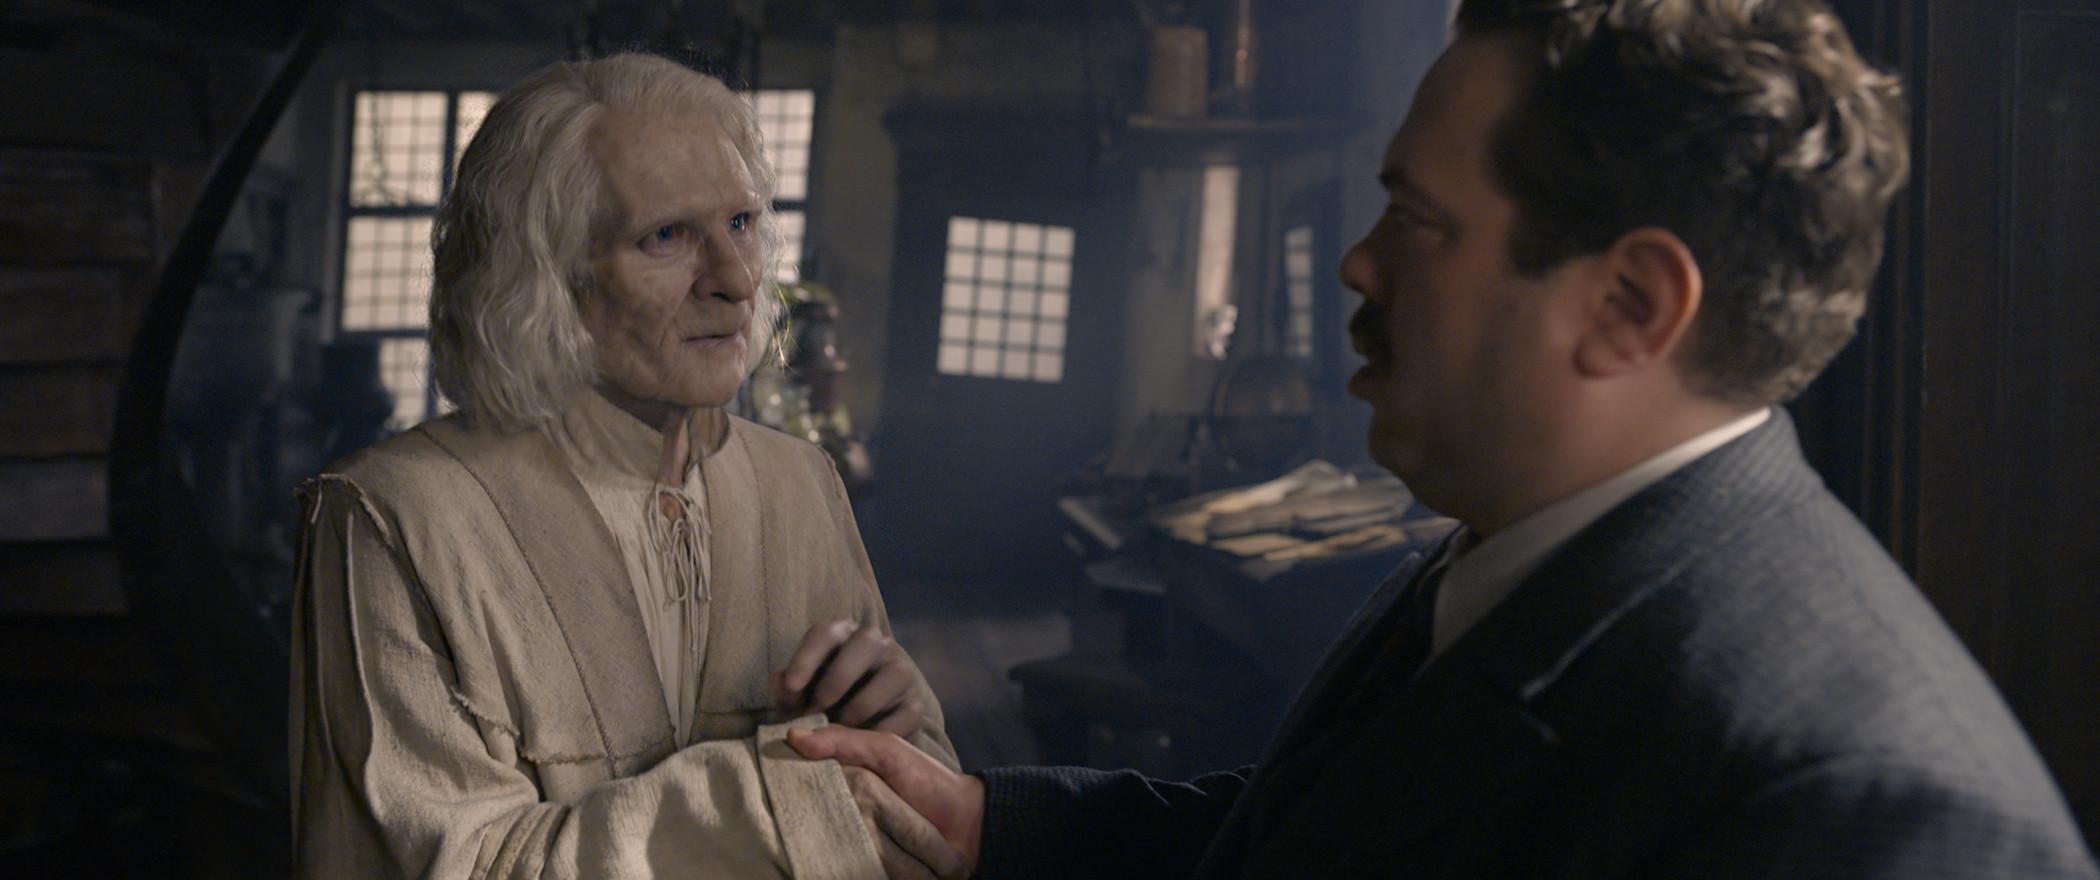 《怪獸與葛林戴華德的罪行》。(圖/《怪獸與葛林戴華德的罪行》劇照)